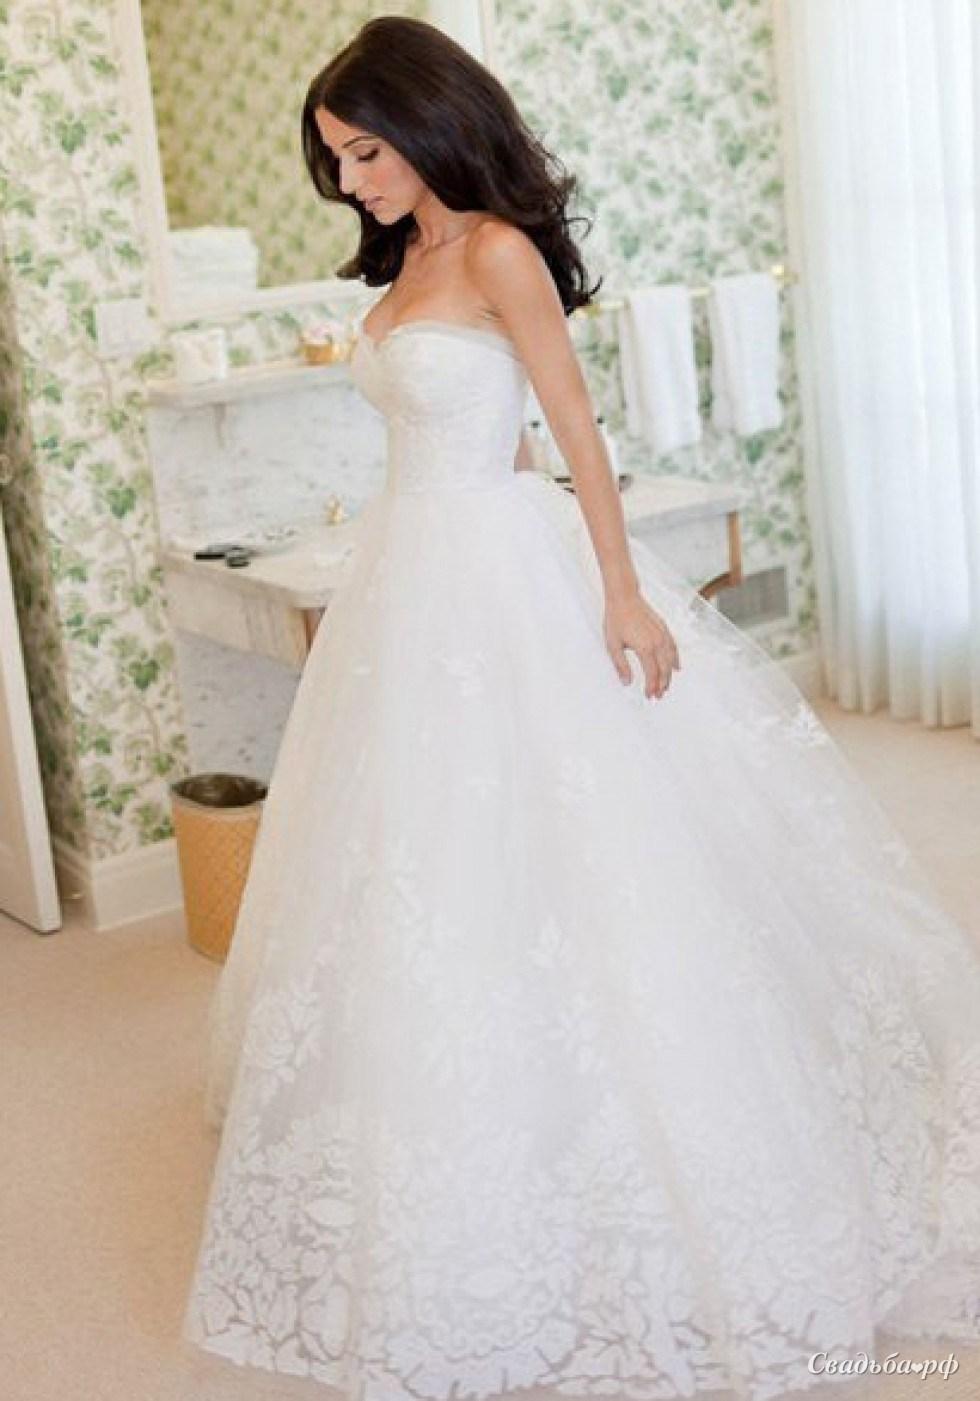 Фото на аву для девушек в свадебном платье